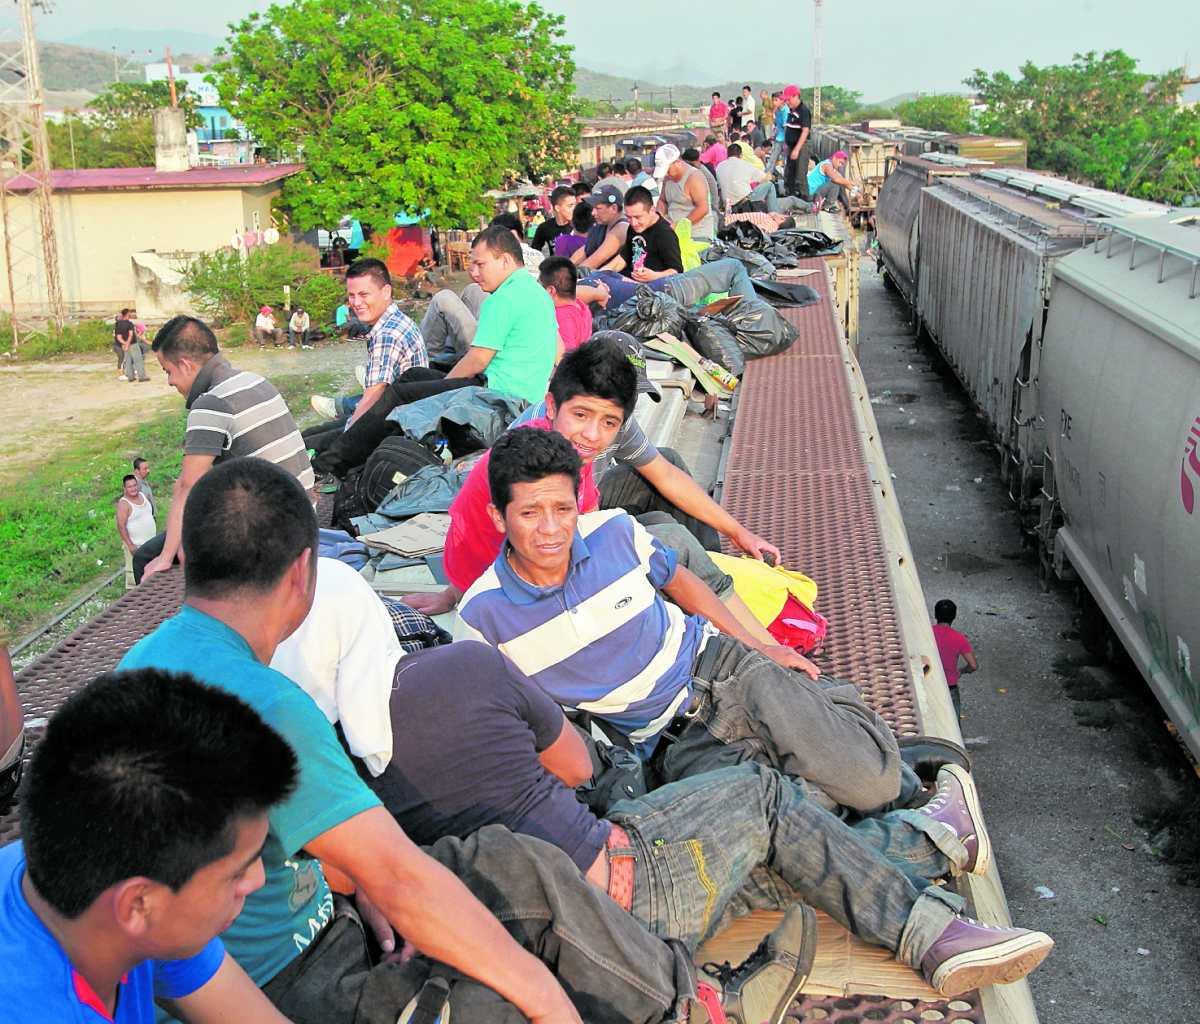 """Inmigrantes al llegar a Estados Unidos: """"Si hubiera sabido esto, no vengo"""""""